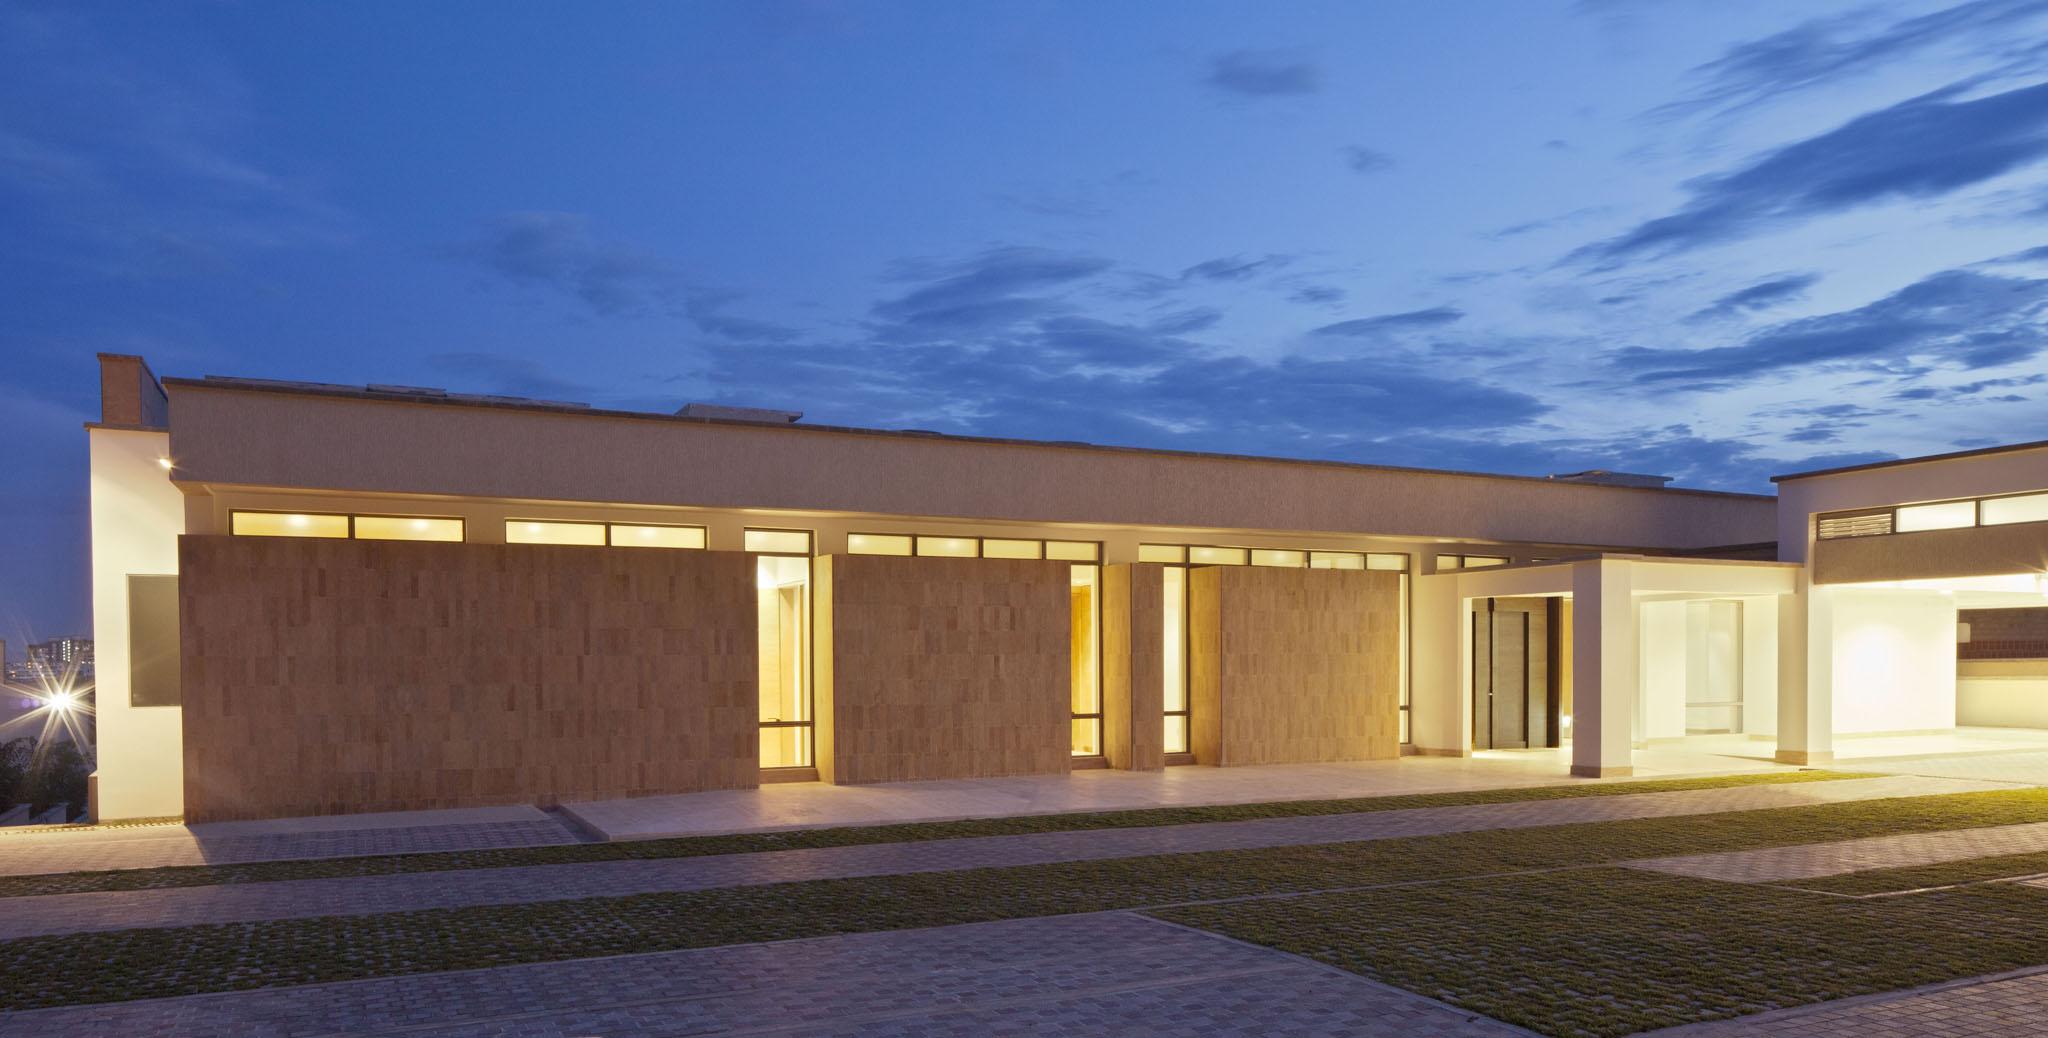 Fachada norte propuestas in consultas - Fachadas arquitectura ...